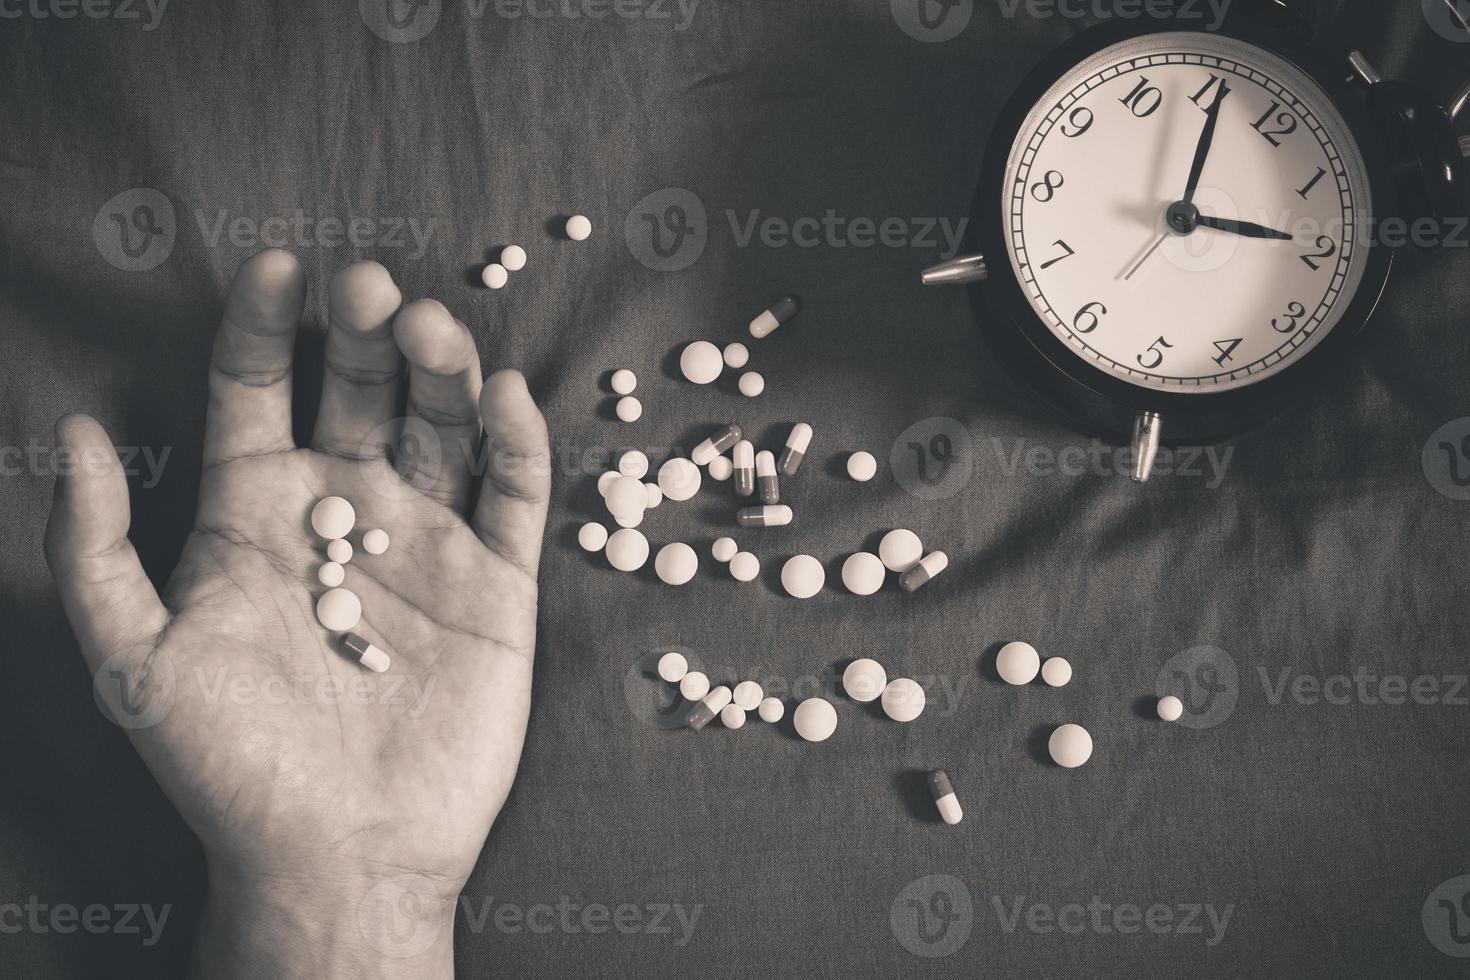 överdos man hand och droger på sängen på natten foto